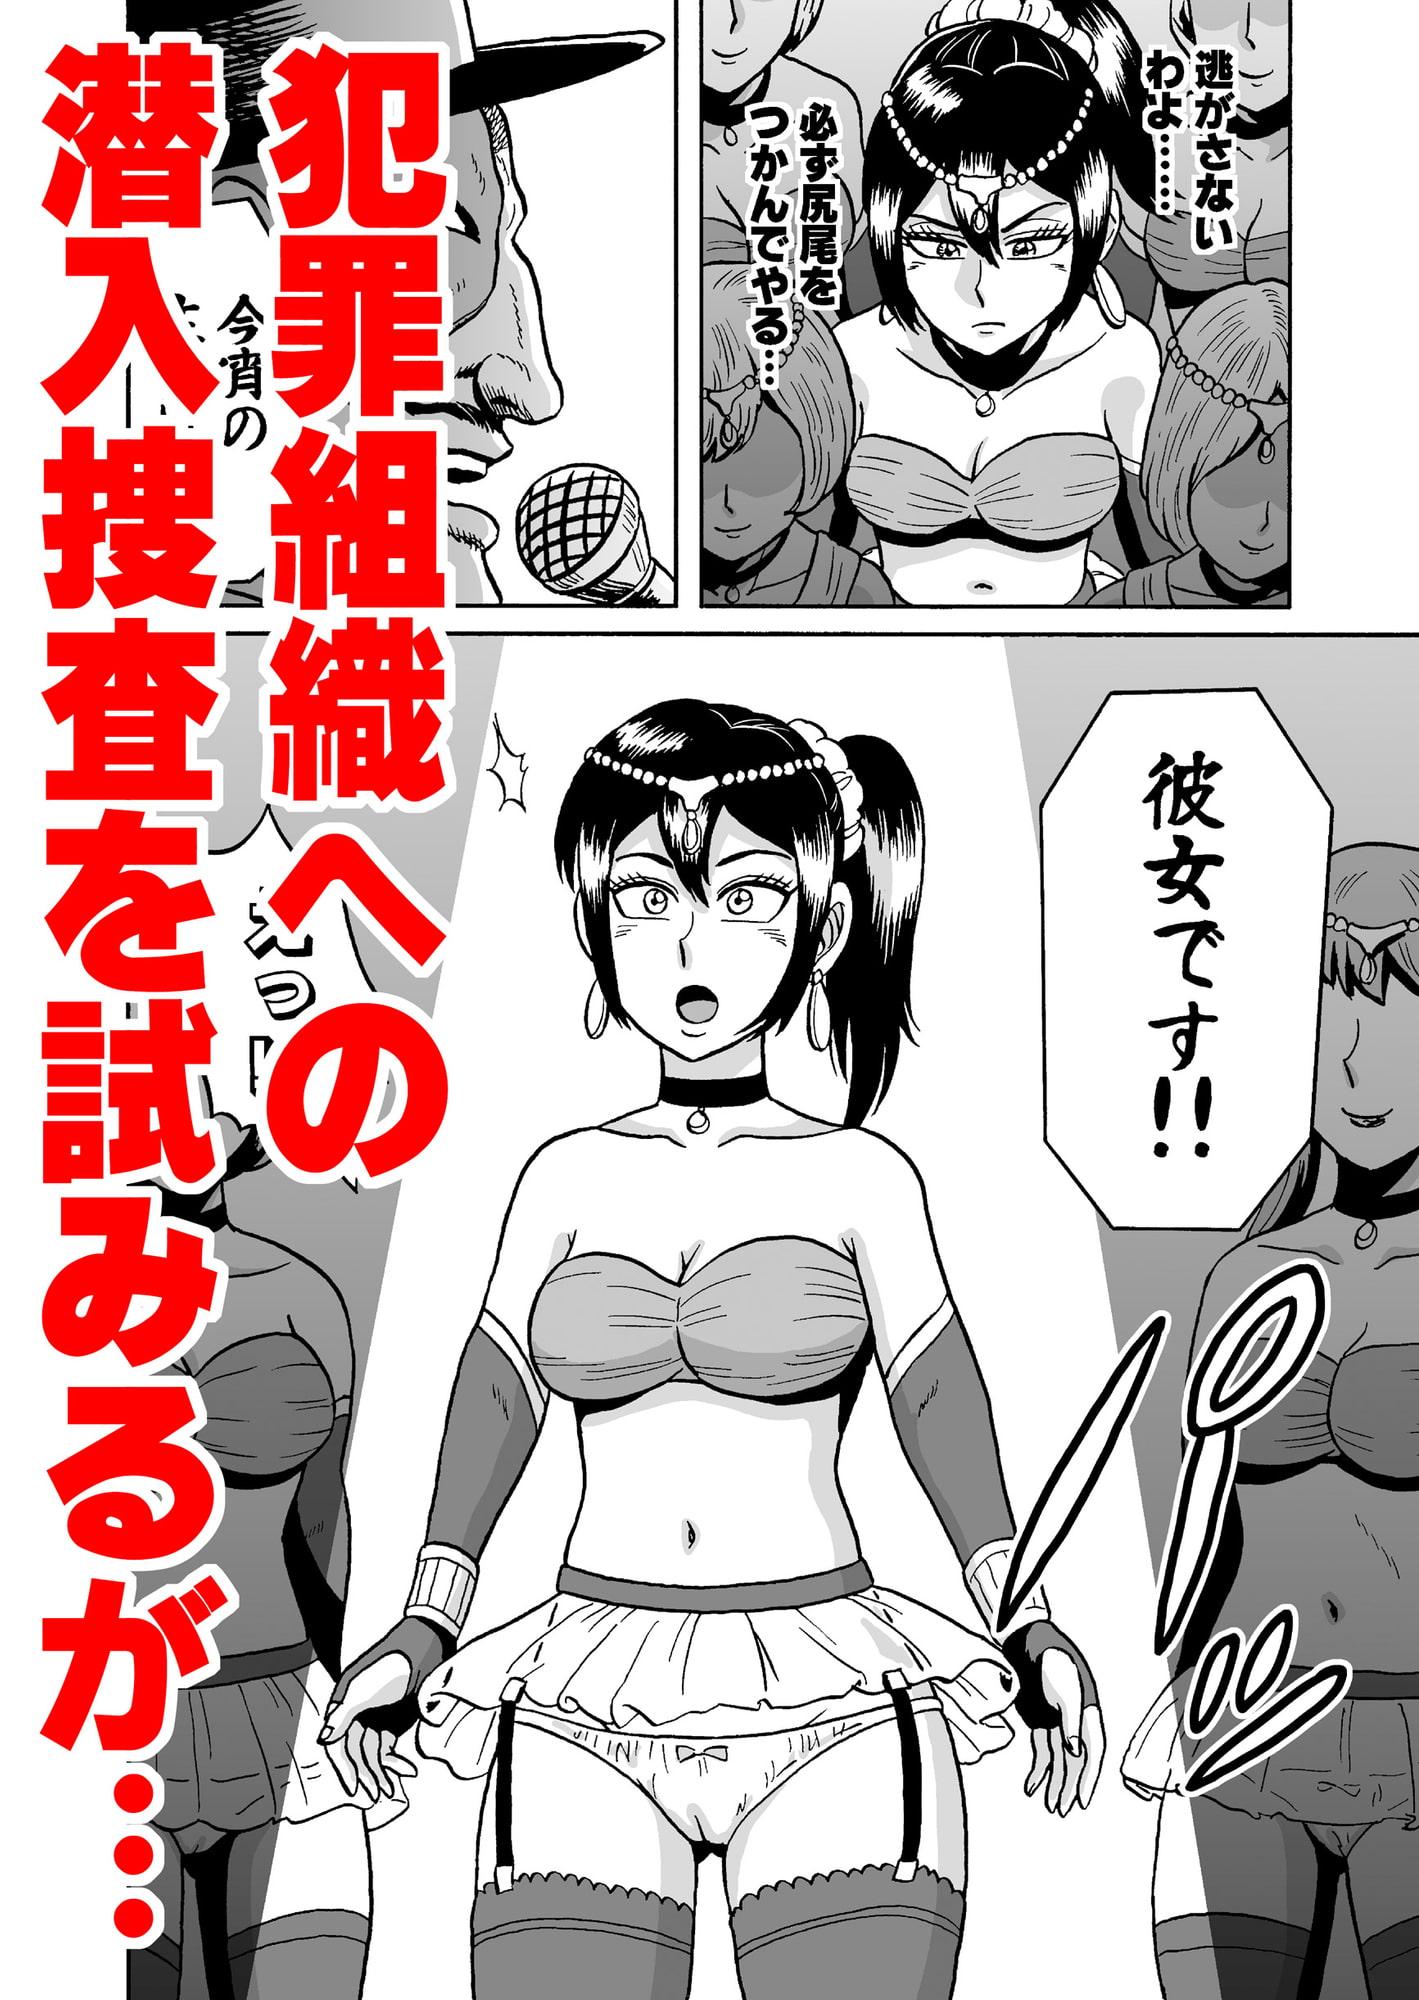 RJ316172 艶姿捜査姦(3)衆人環視 サーカス団の虜 [20210131]